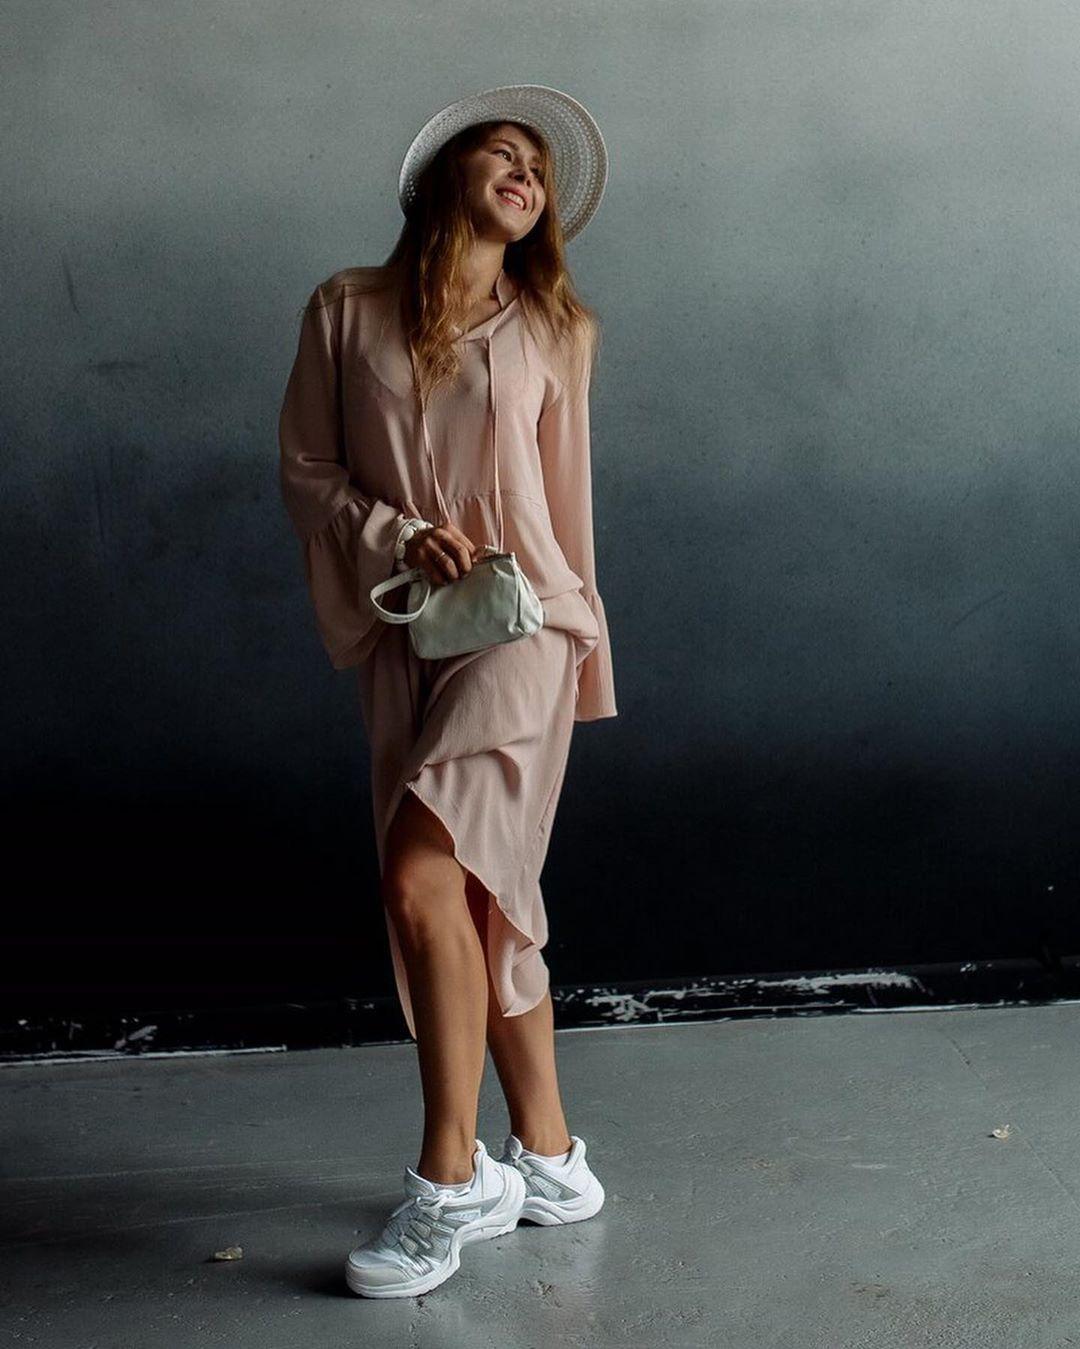 Свободное платье с кроссовками